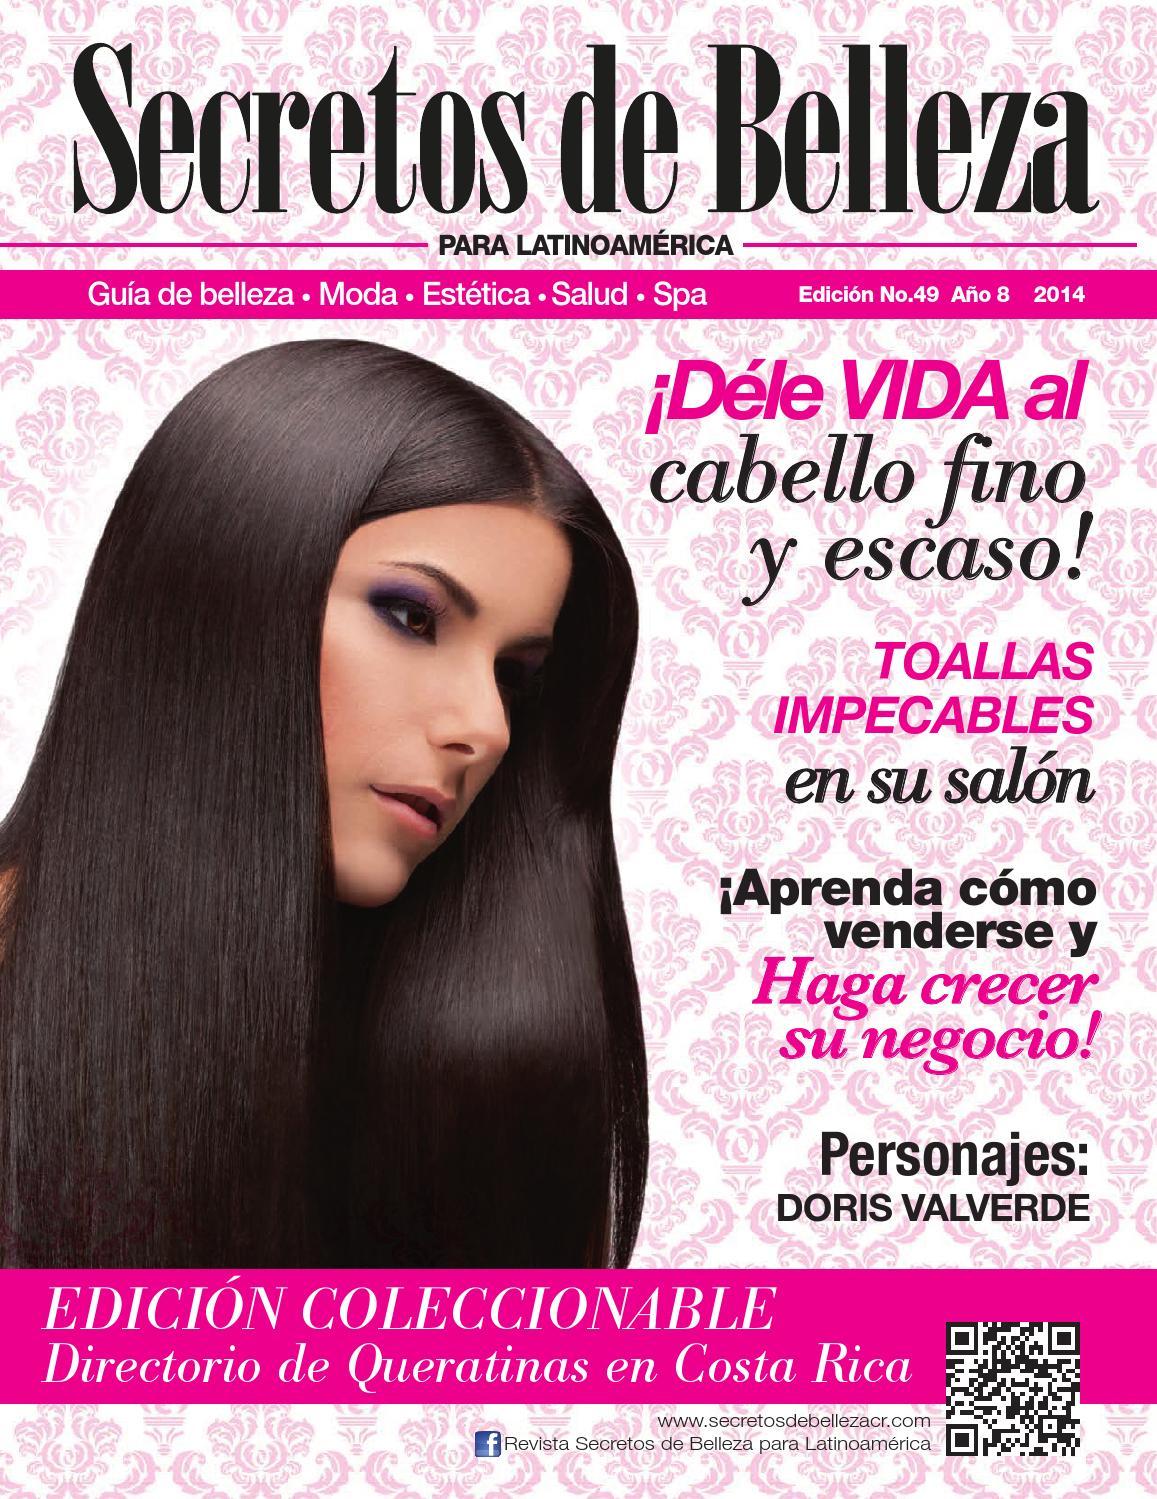 revista secretos de belleza para latinoam u00e9rica ed 49 issuu logo png issuu logo design